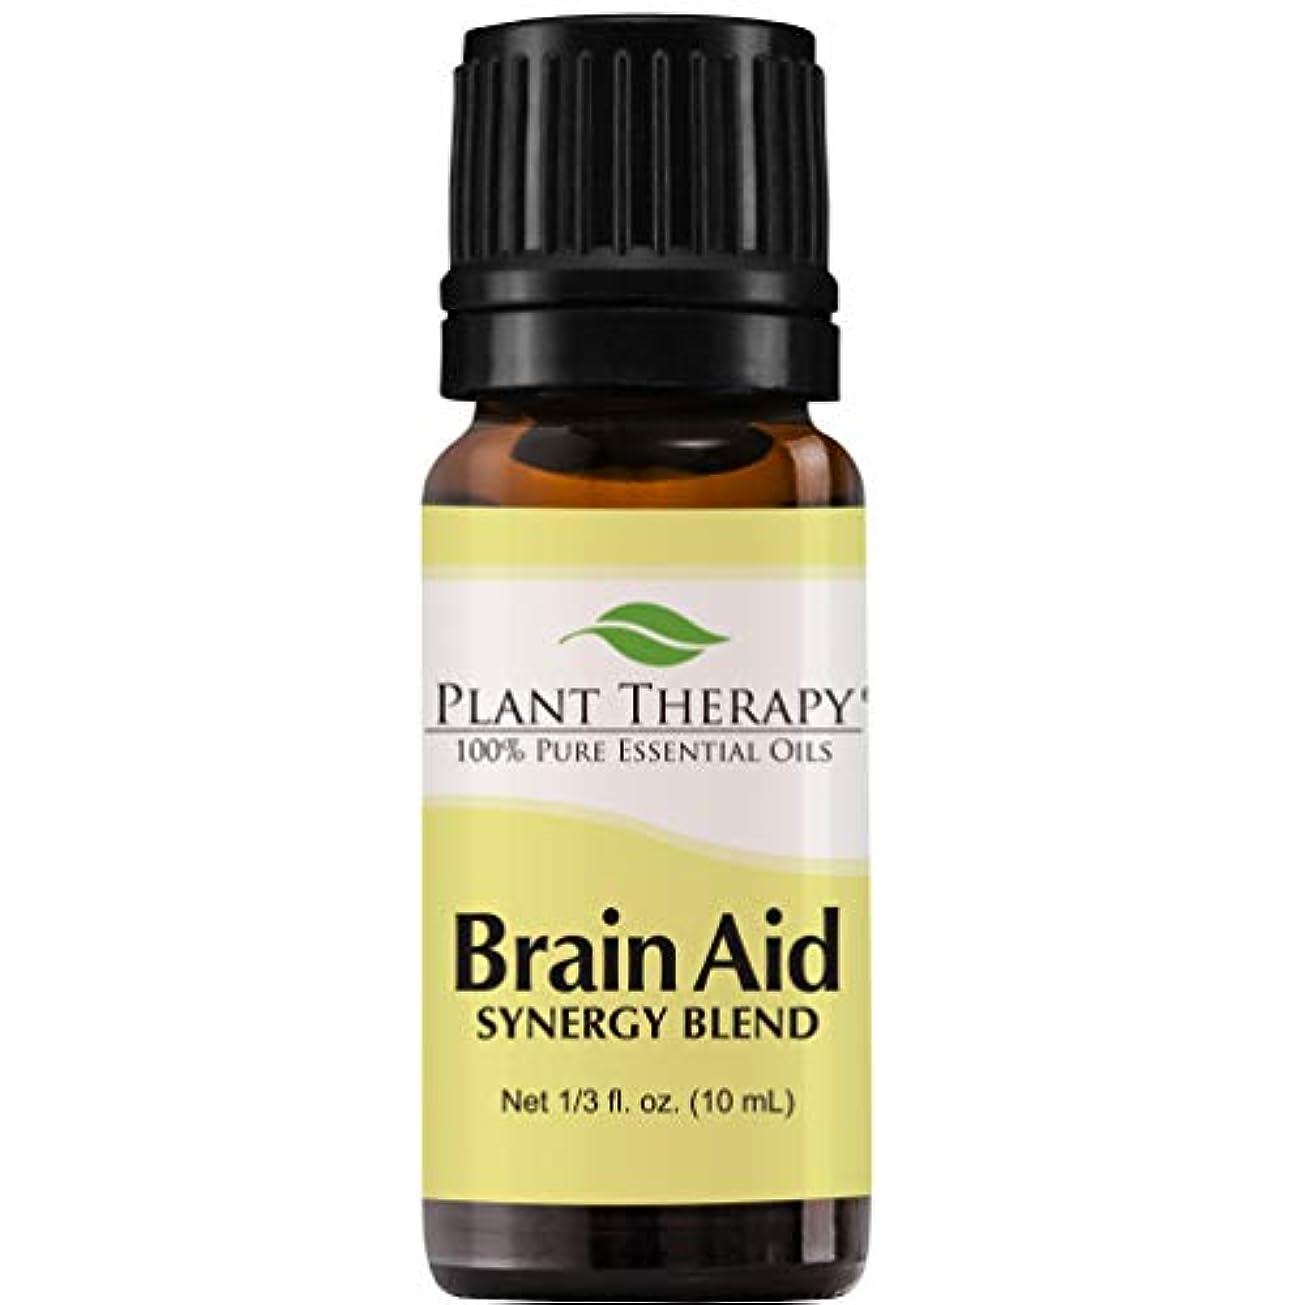 ゆでる光コテージ脳援助シナジー(精神的な焦点と明確にするため)。エッセンシャルオイルブレンド。 10ミリリットル(1/3オンス)。 100%ピュア、希釈していない、治療グレード。